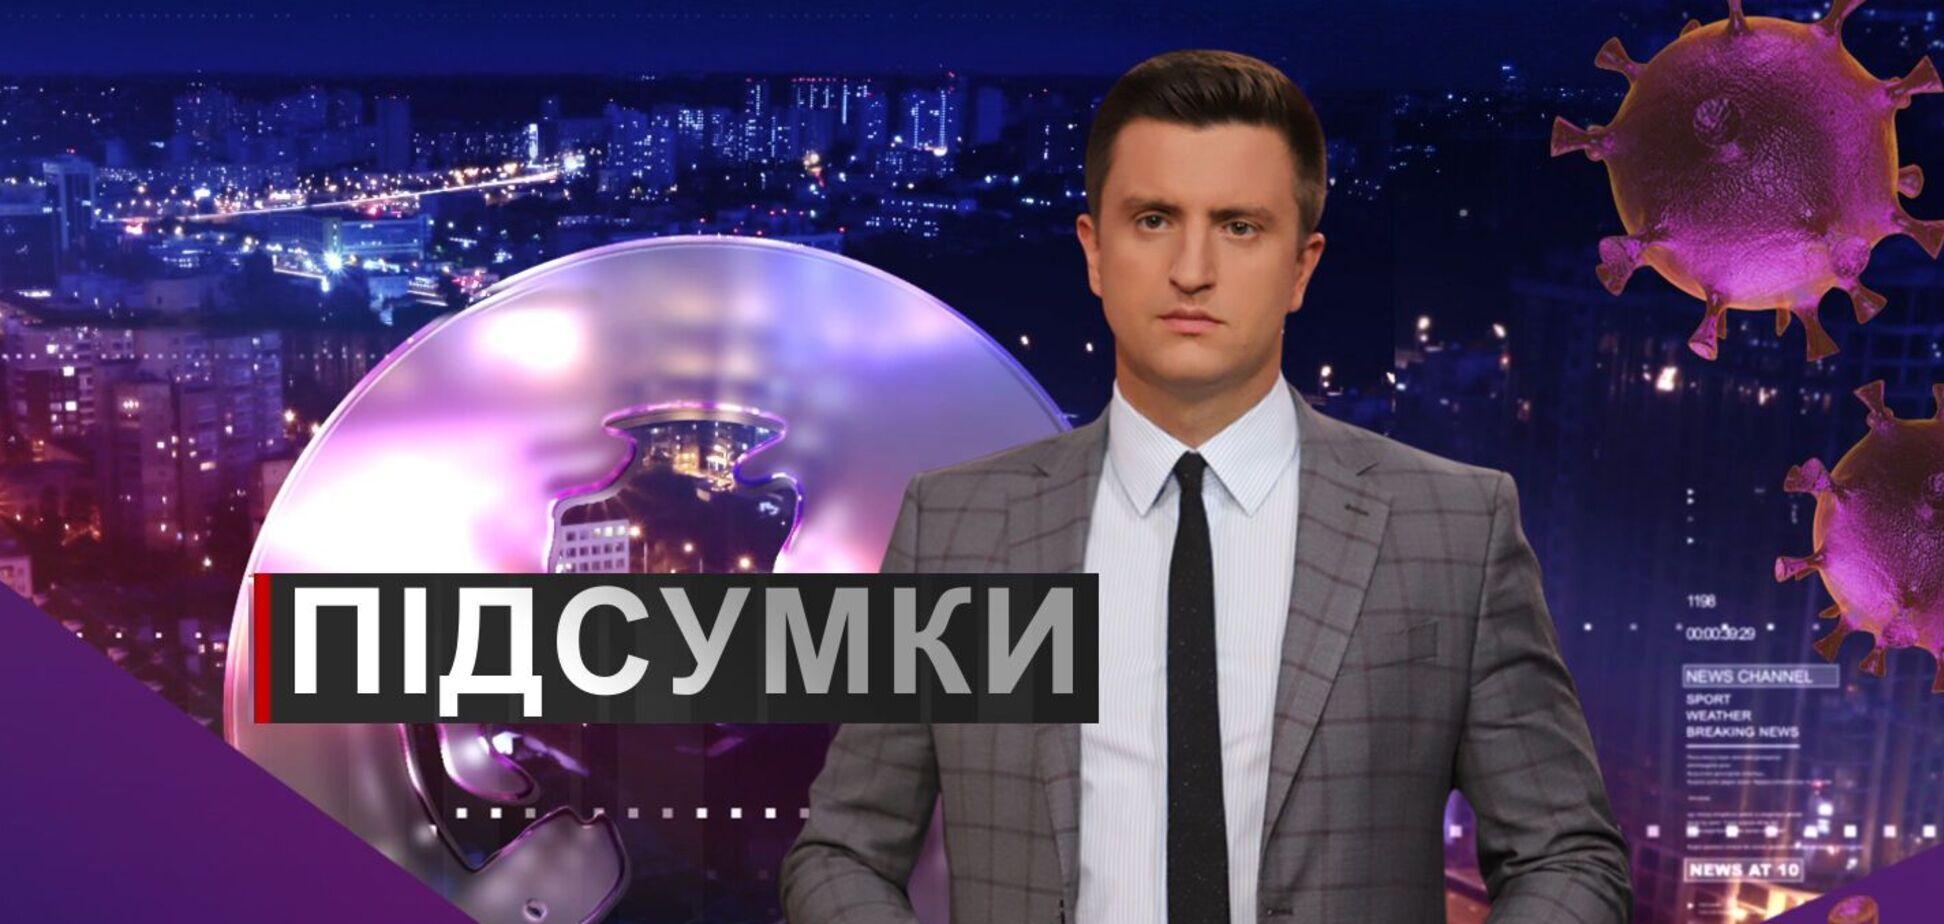 Підсумки дня з Вадимом Колодійчуком. Вівторок, 10 листопада